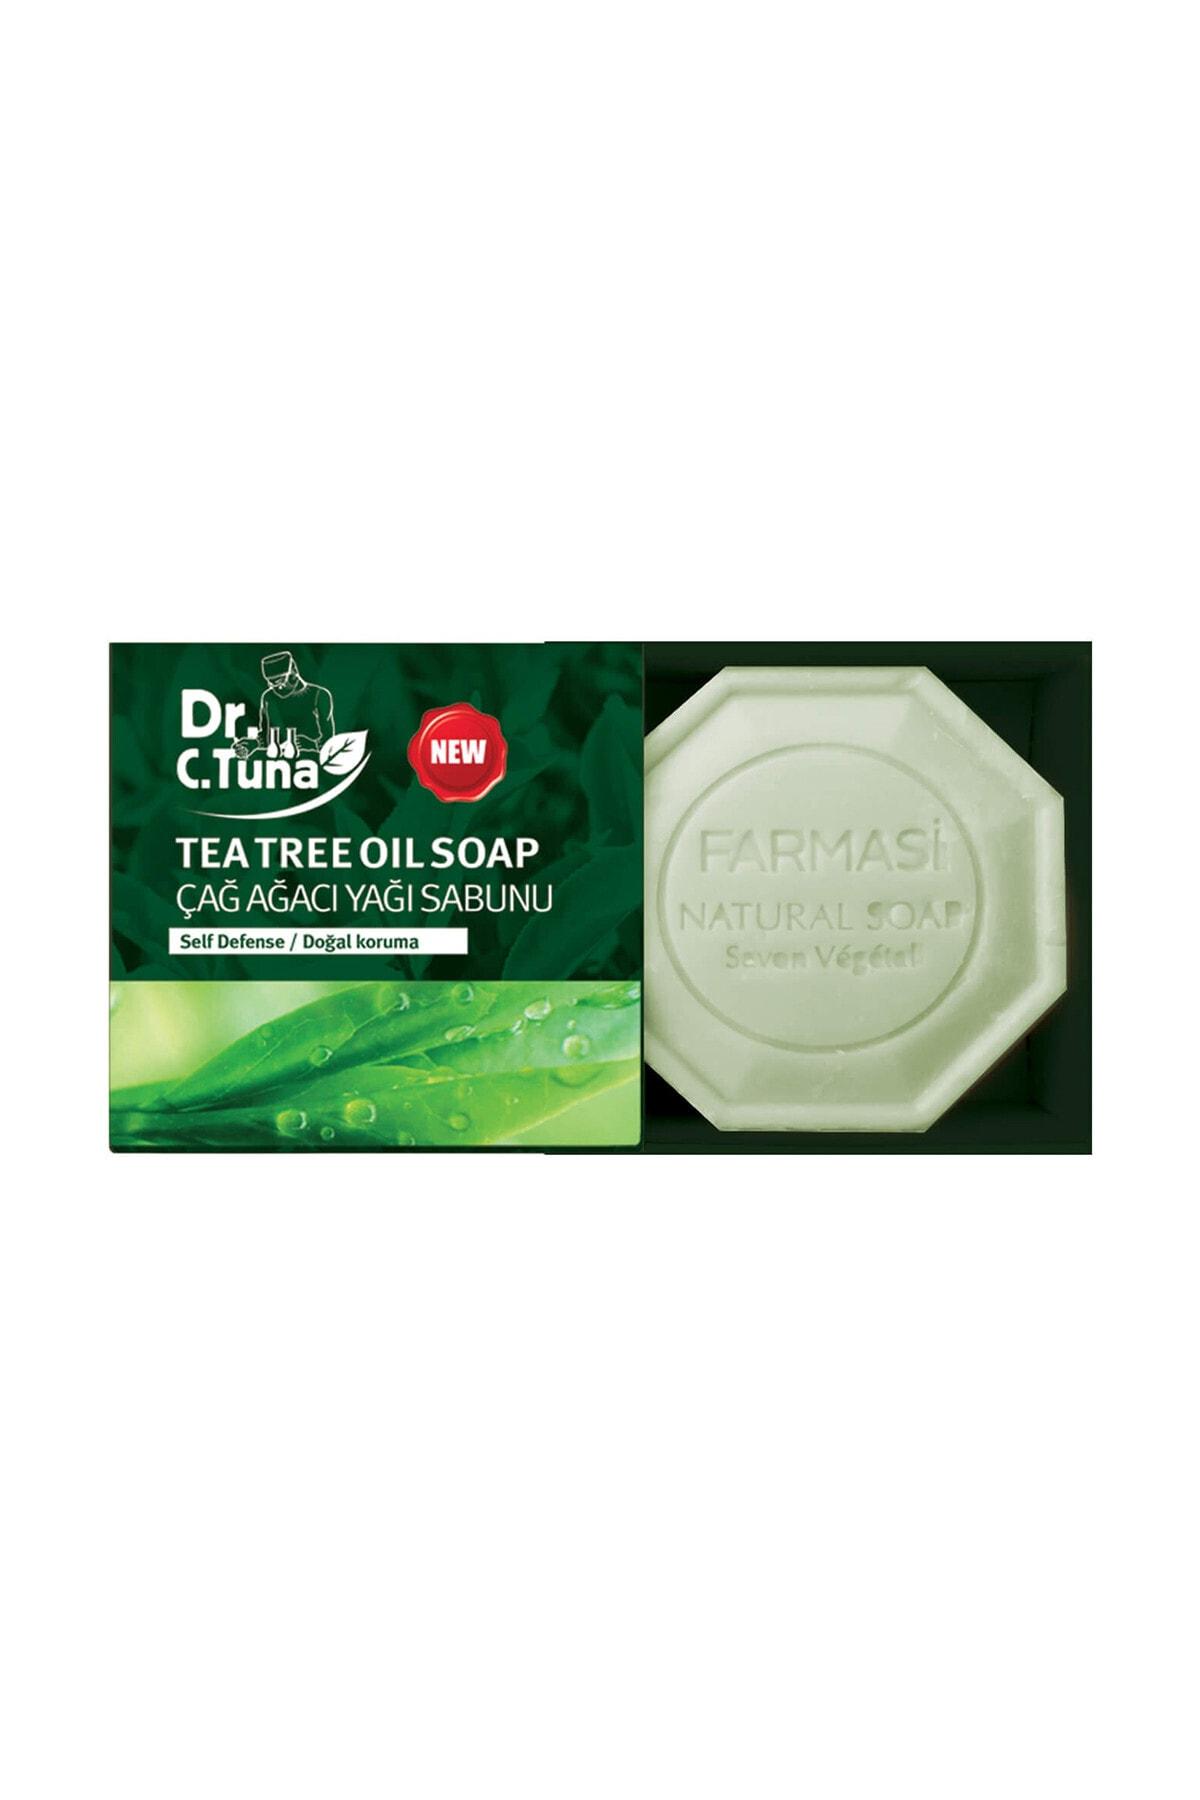 Farmasi Dr. C. Tuna Çay Ağacı Yağı Sabunu 100 gr 8690131104252 1